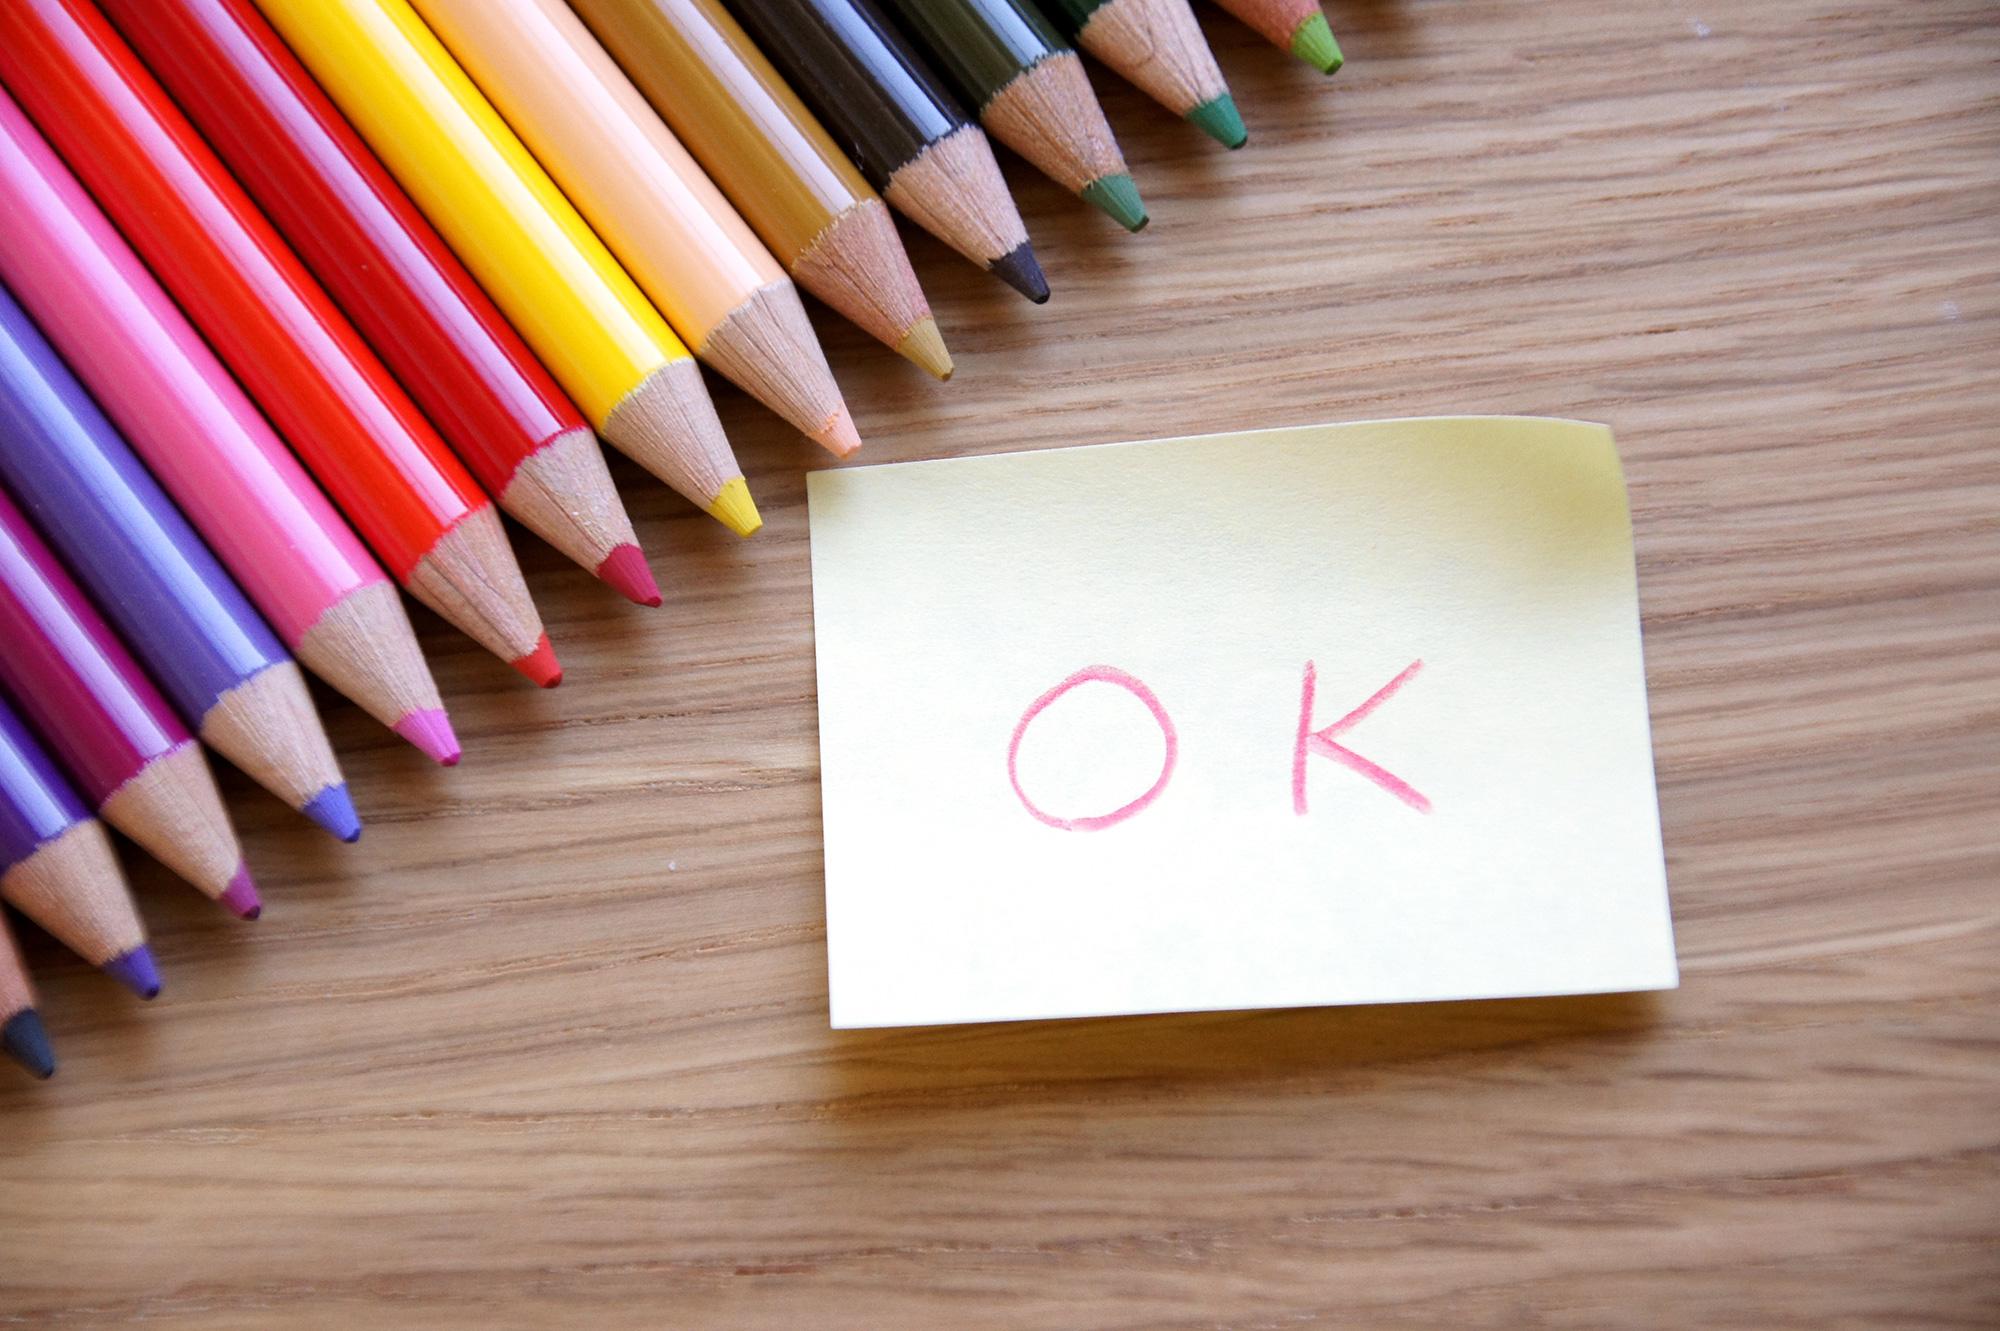 OKのメッセージと色鉛筆の写真のフリー素材